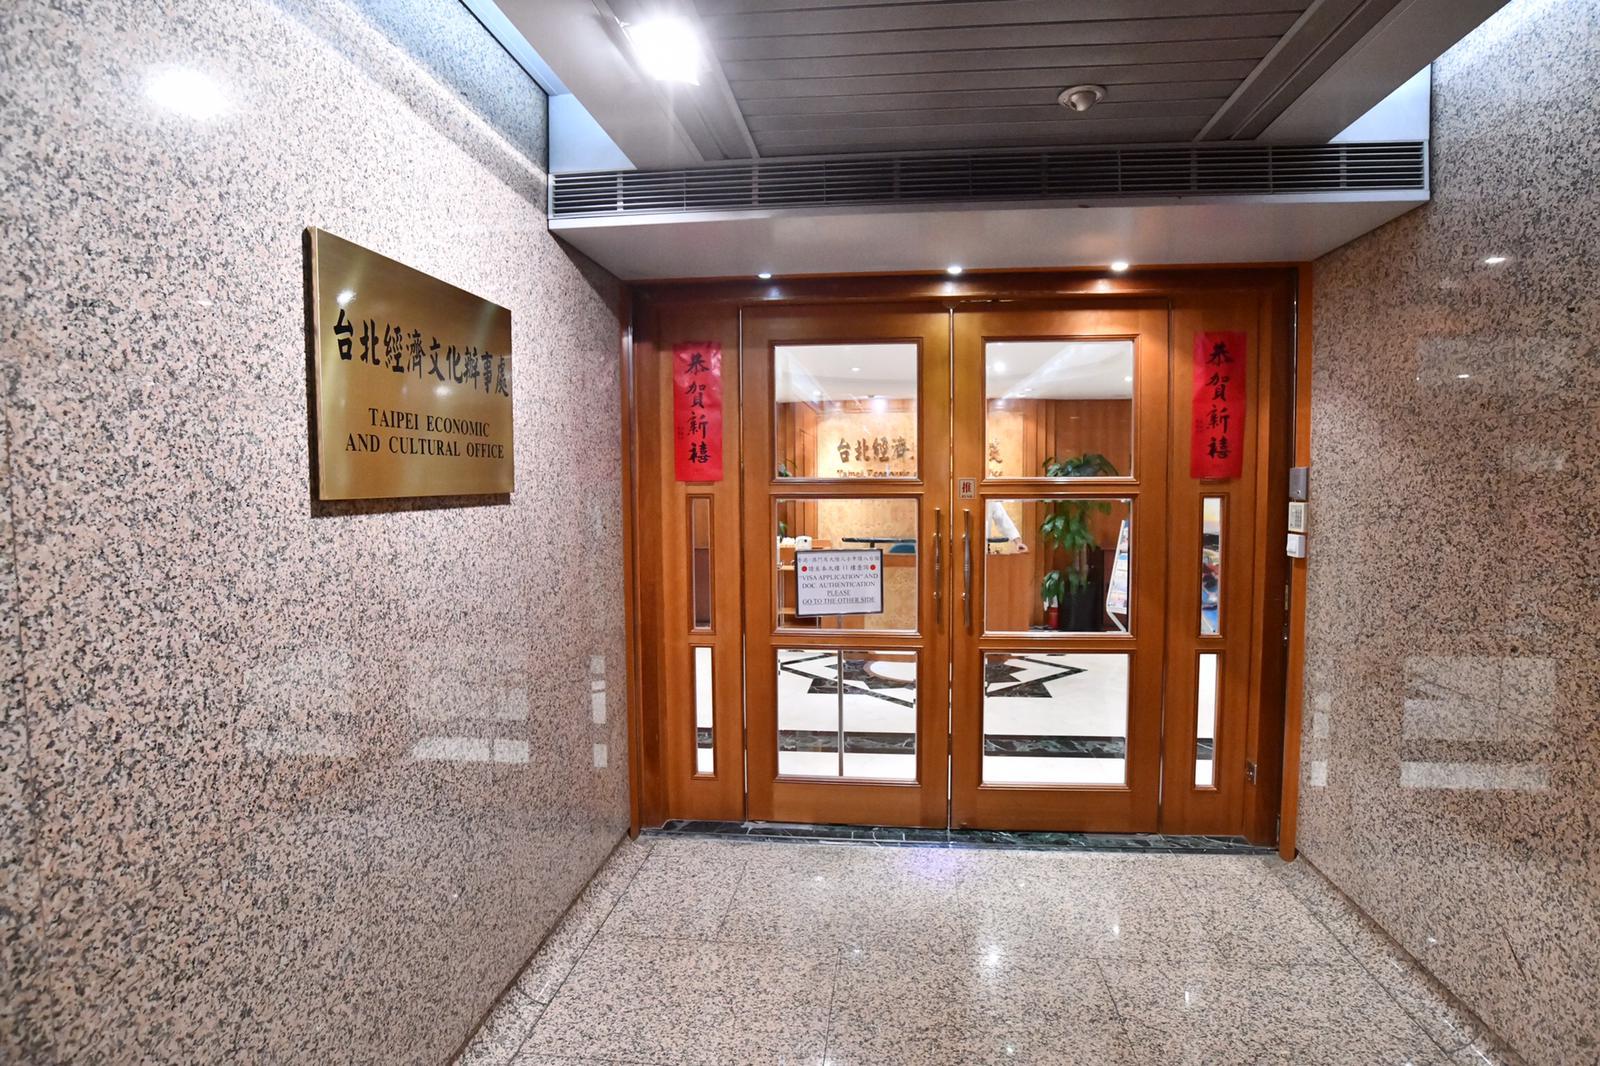 台北經濟文化辦事處。